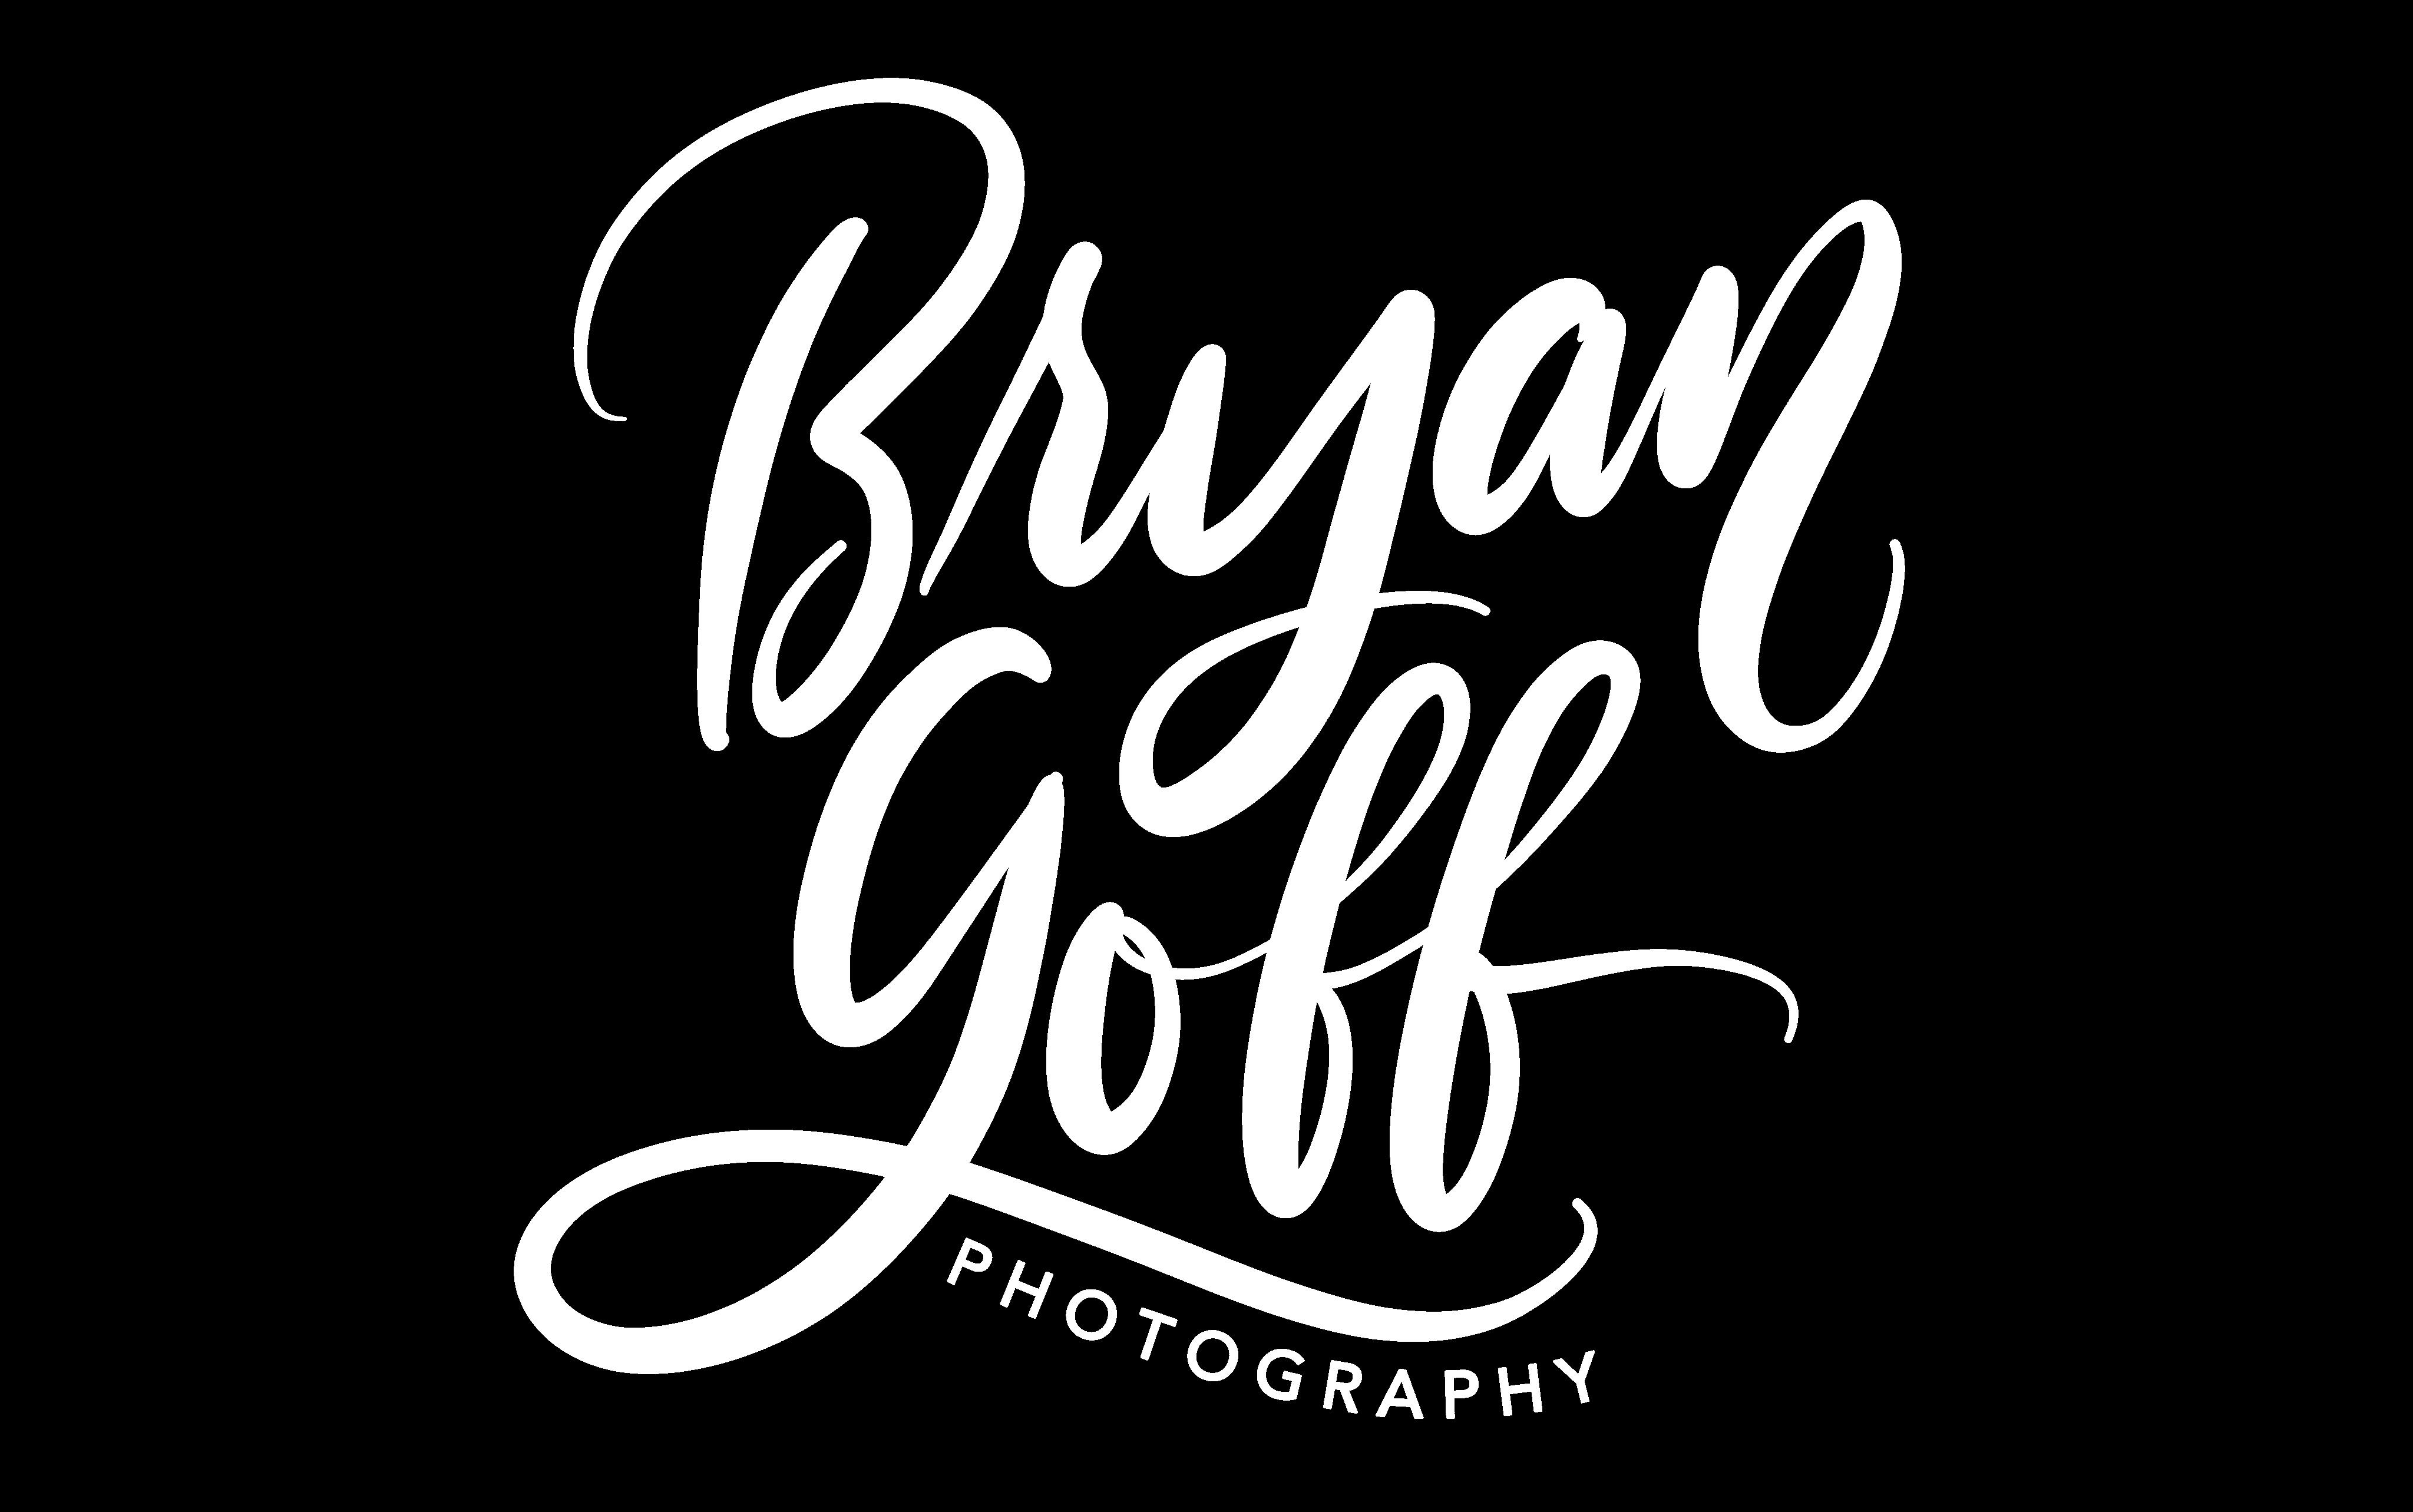 Bryan Goff